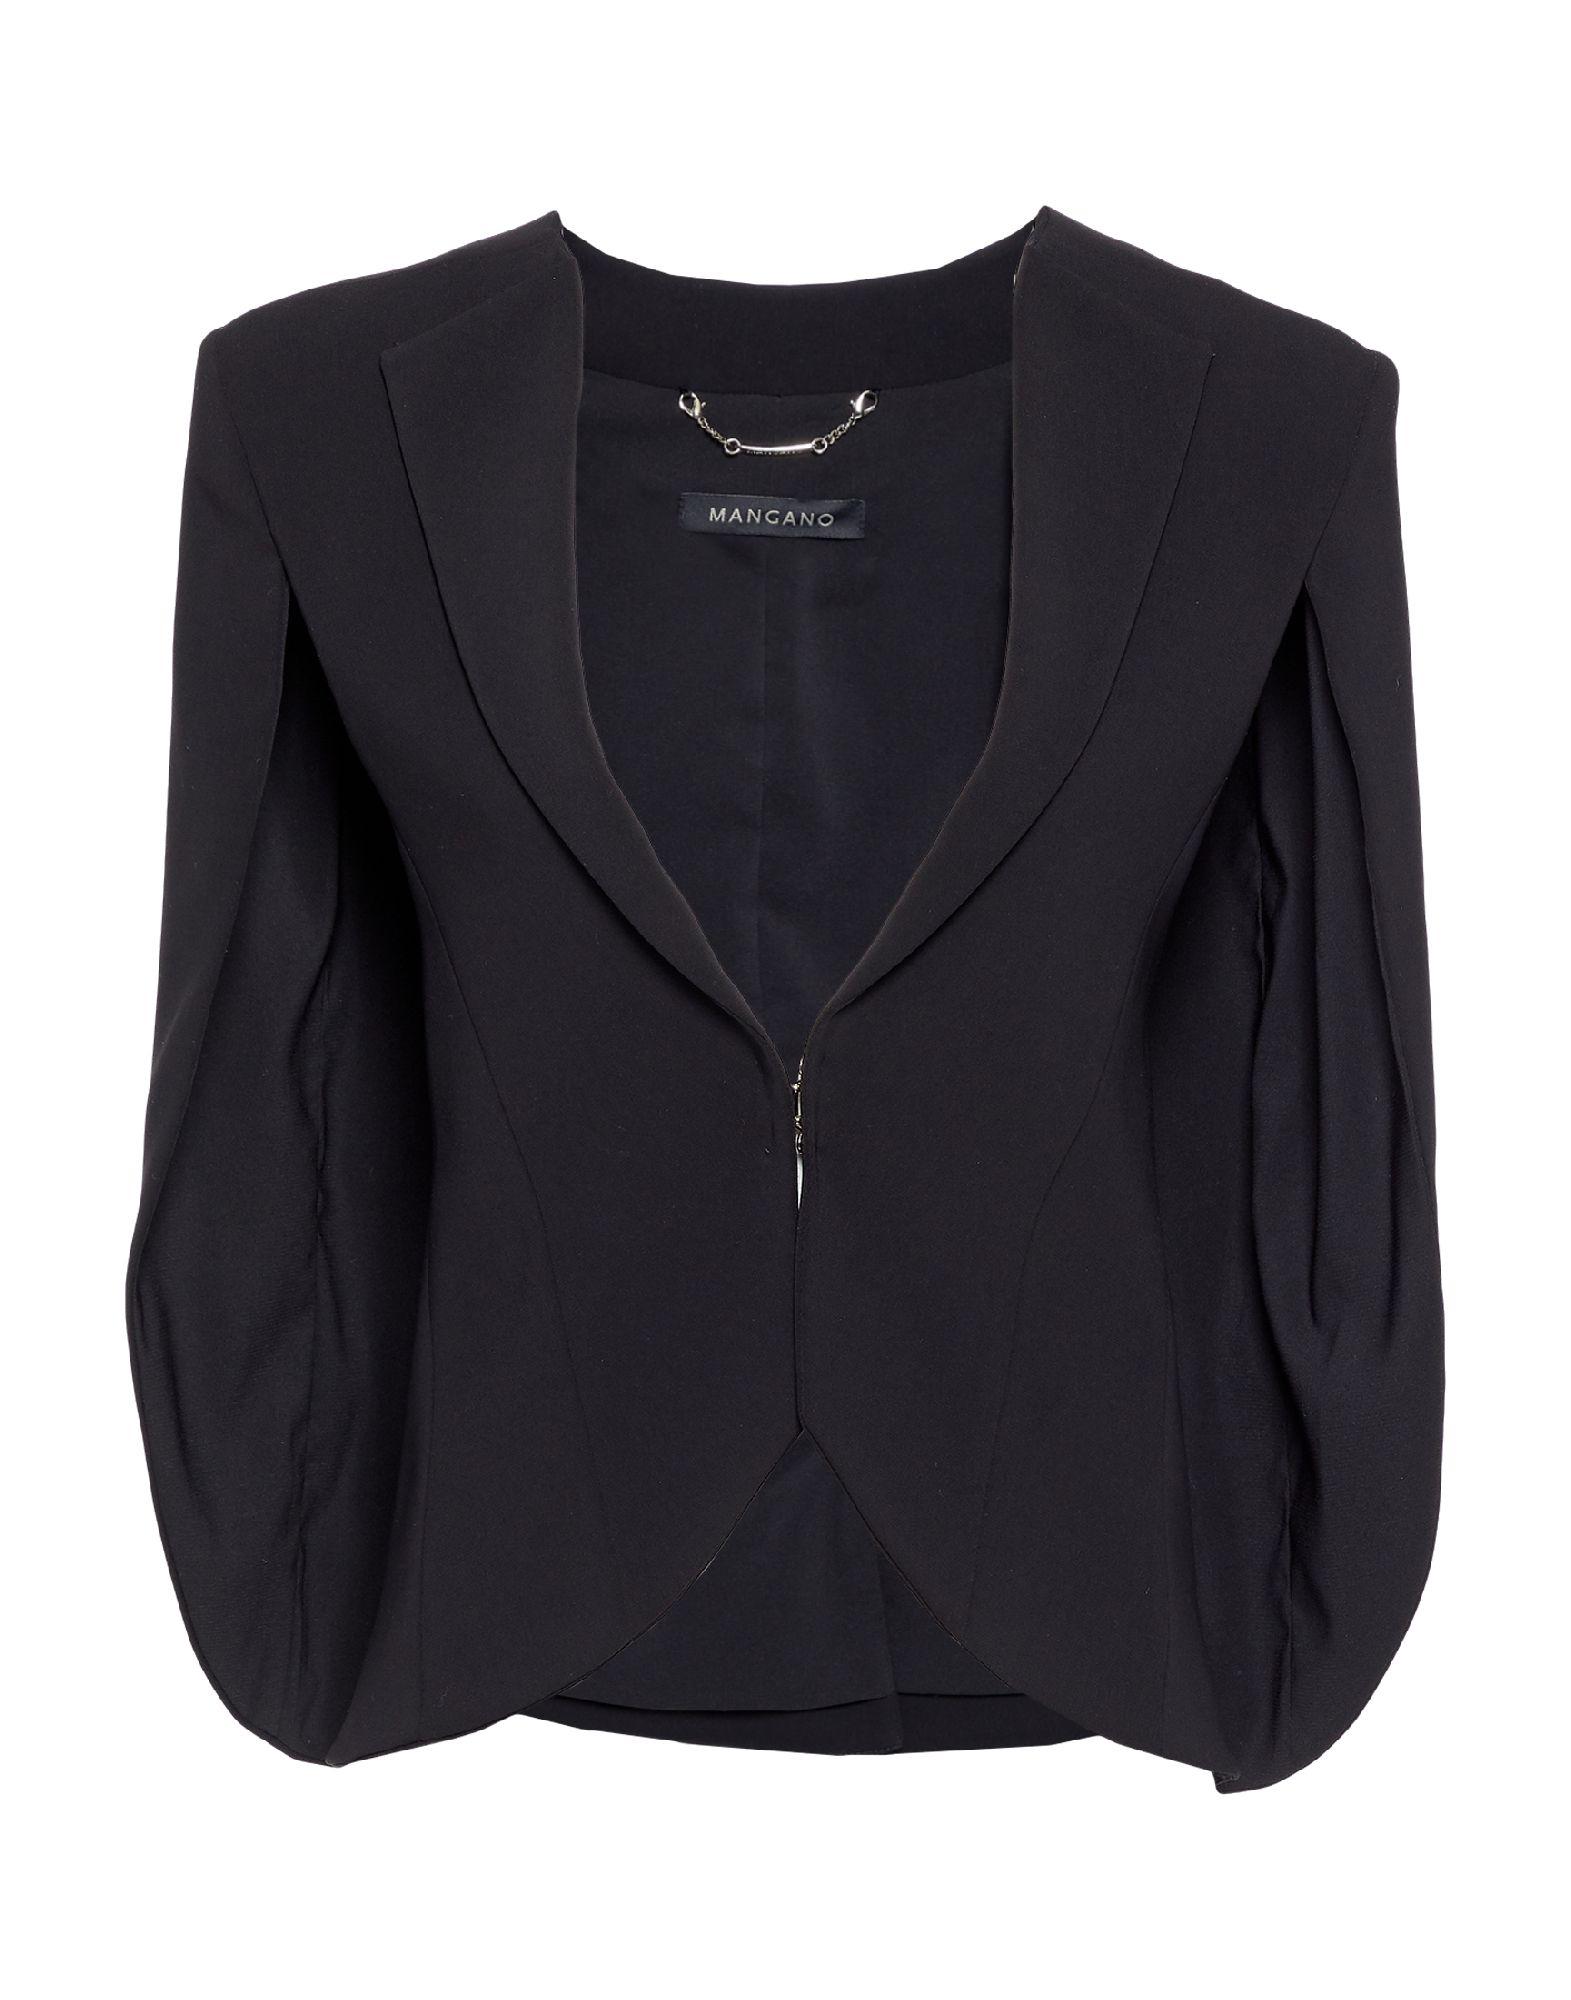 MANGANO Damen Jackett Farbe Schwarz Größe 6 jetztbilligerkaufen